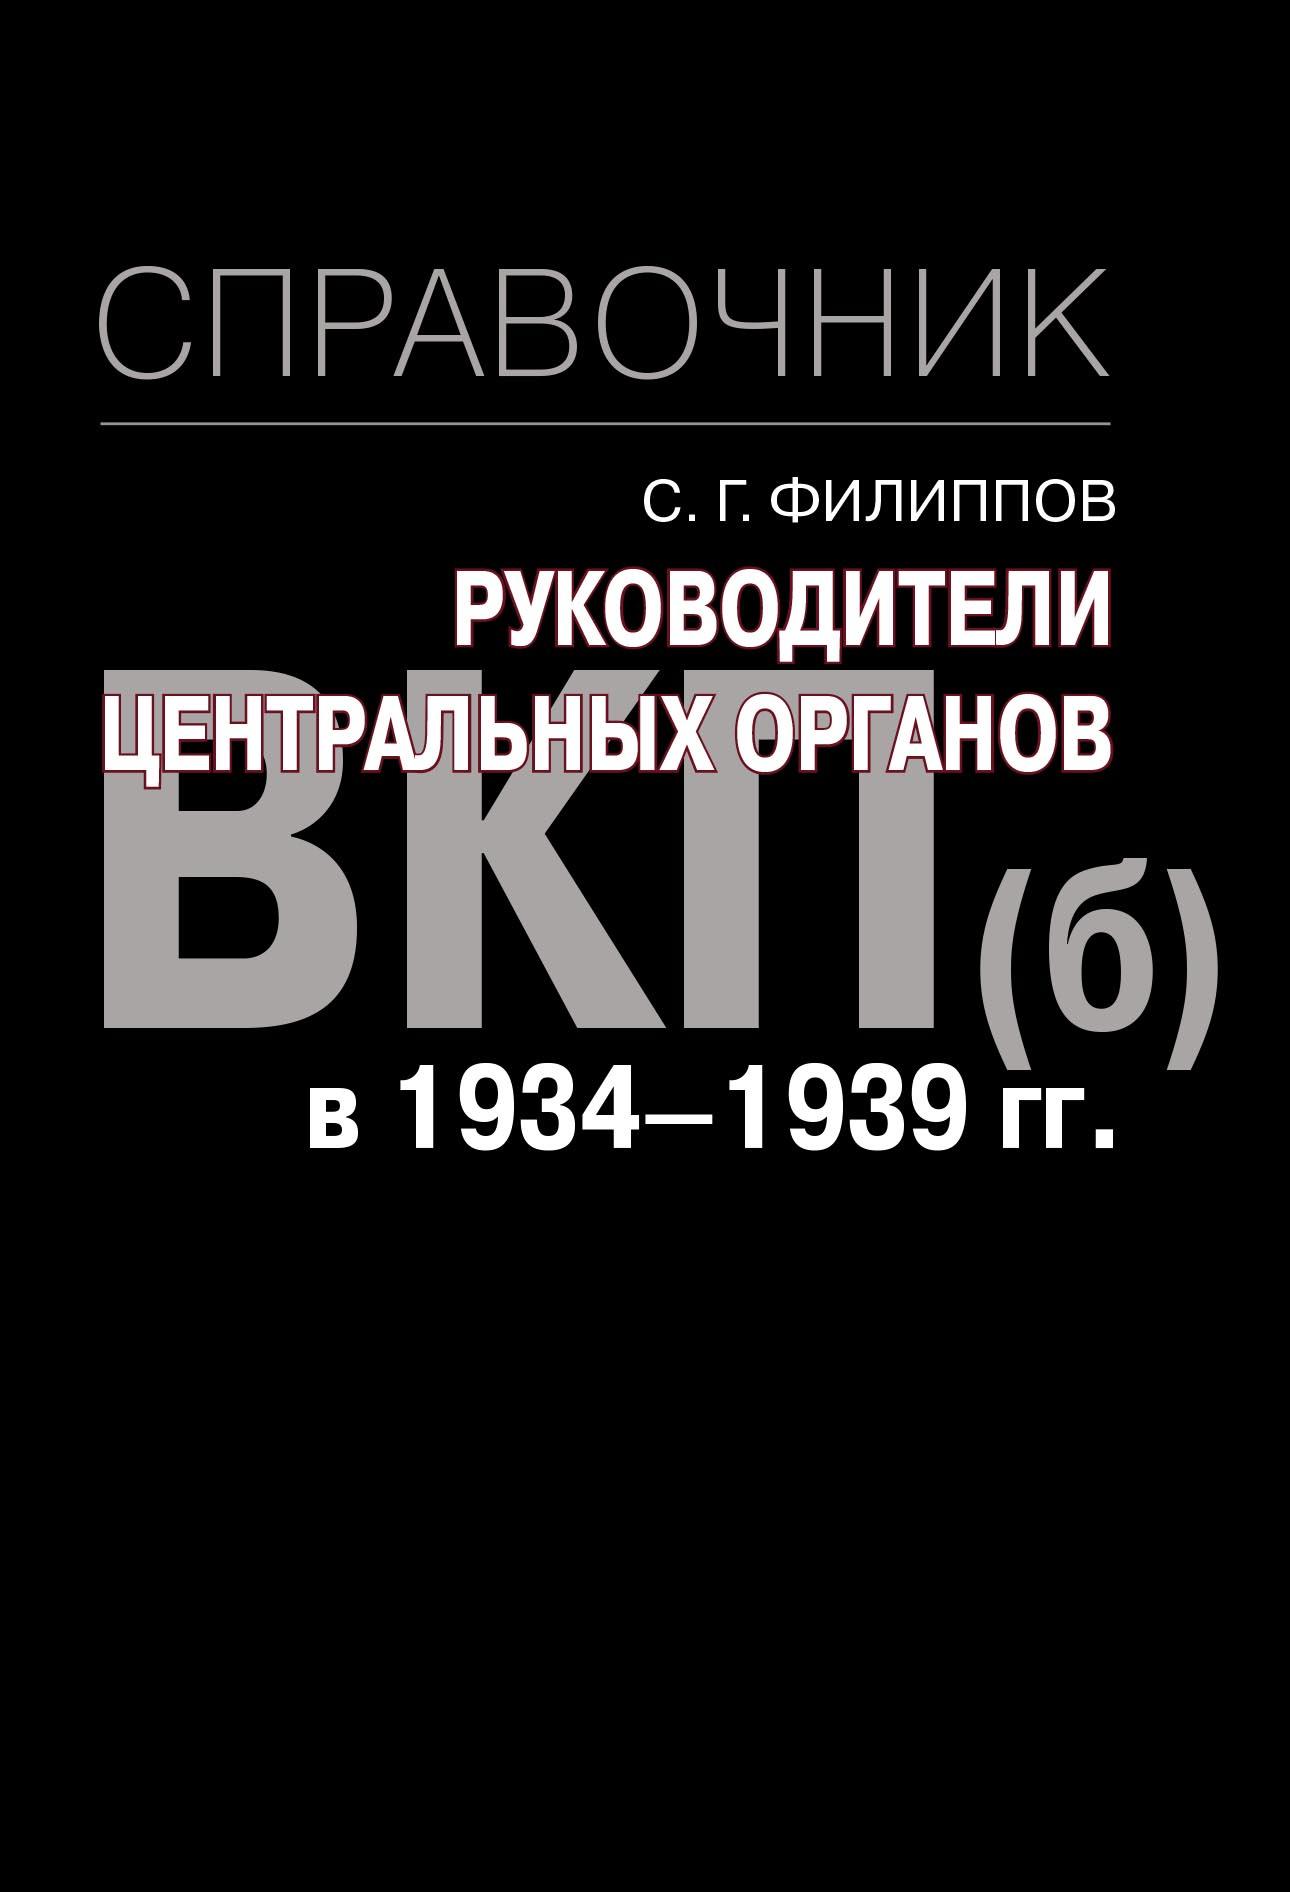 Филиппов С.Г. Руководители центральных органов ВКП(б) в 1934-1939 гг. : справочник цена и фото